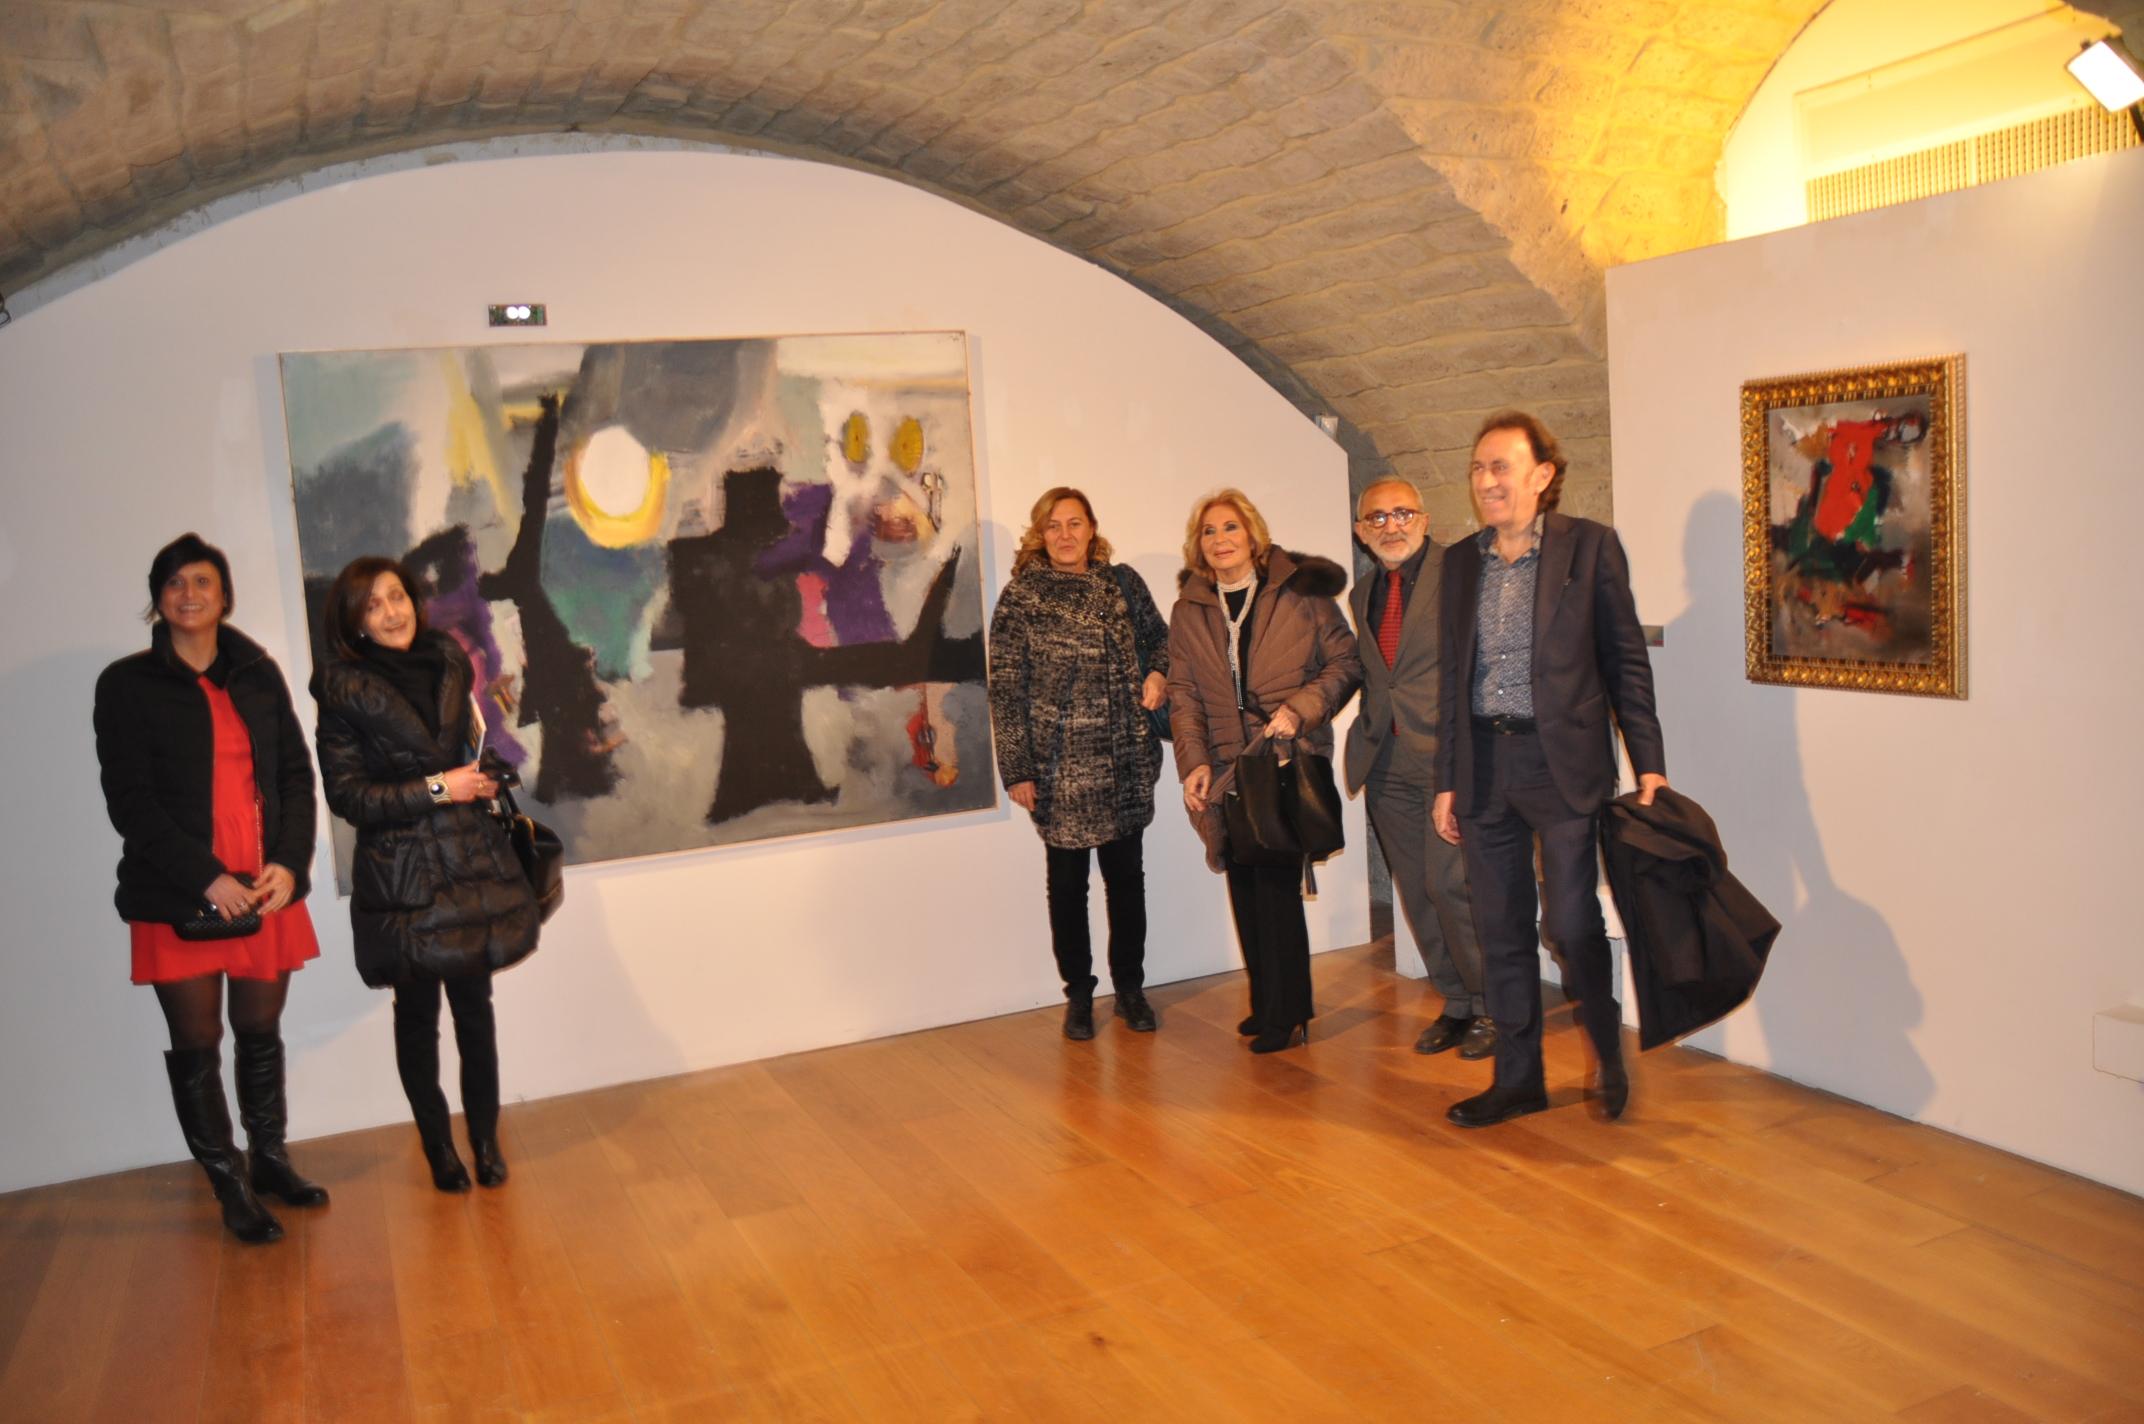 L'inaugurazione della restrospettiva dedicata a Tonino Lombardi ha dato il via alla stagione artistica di 'Arcos'